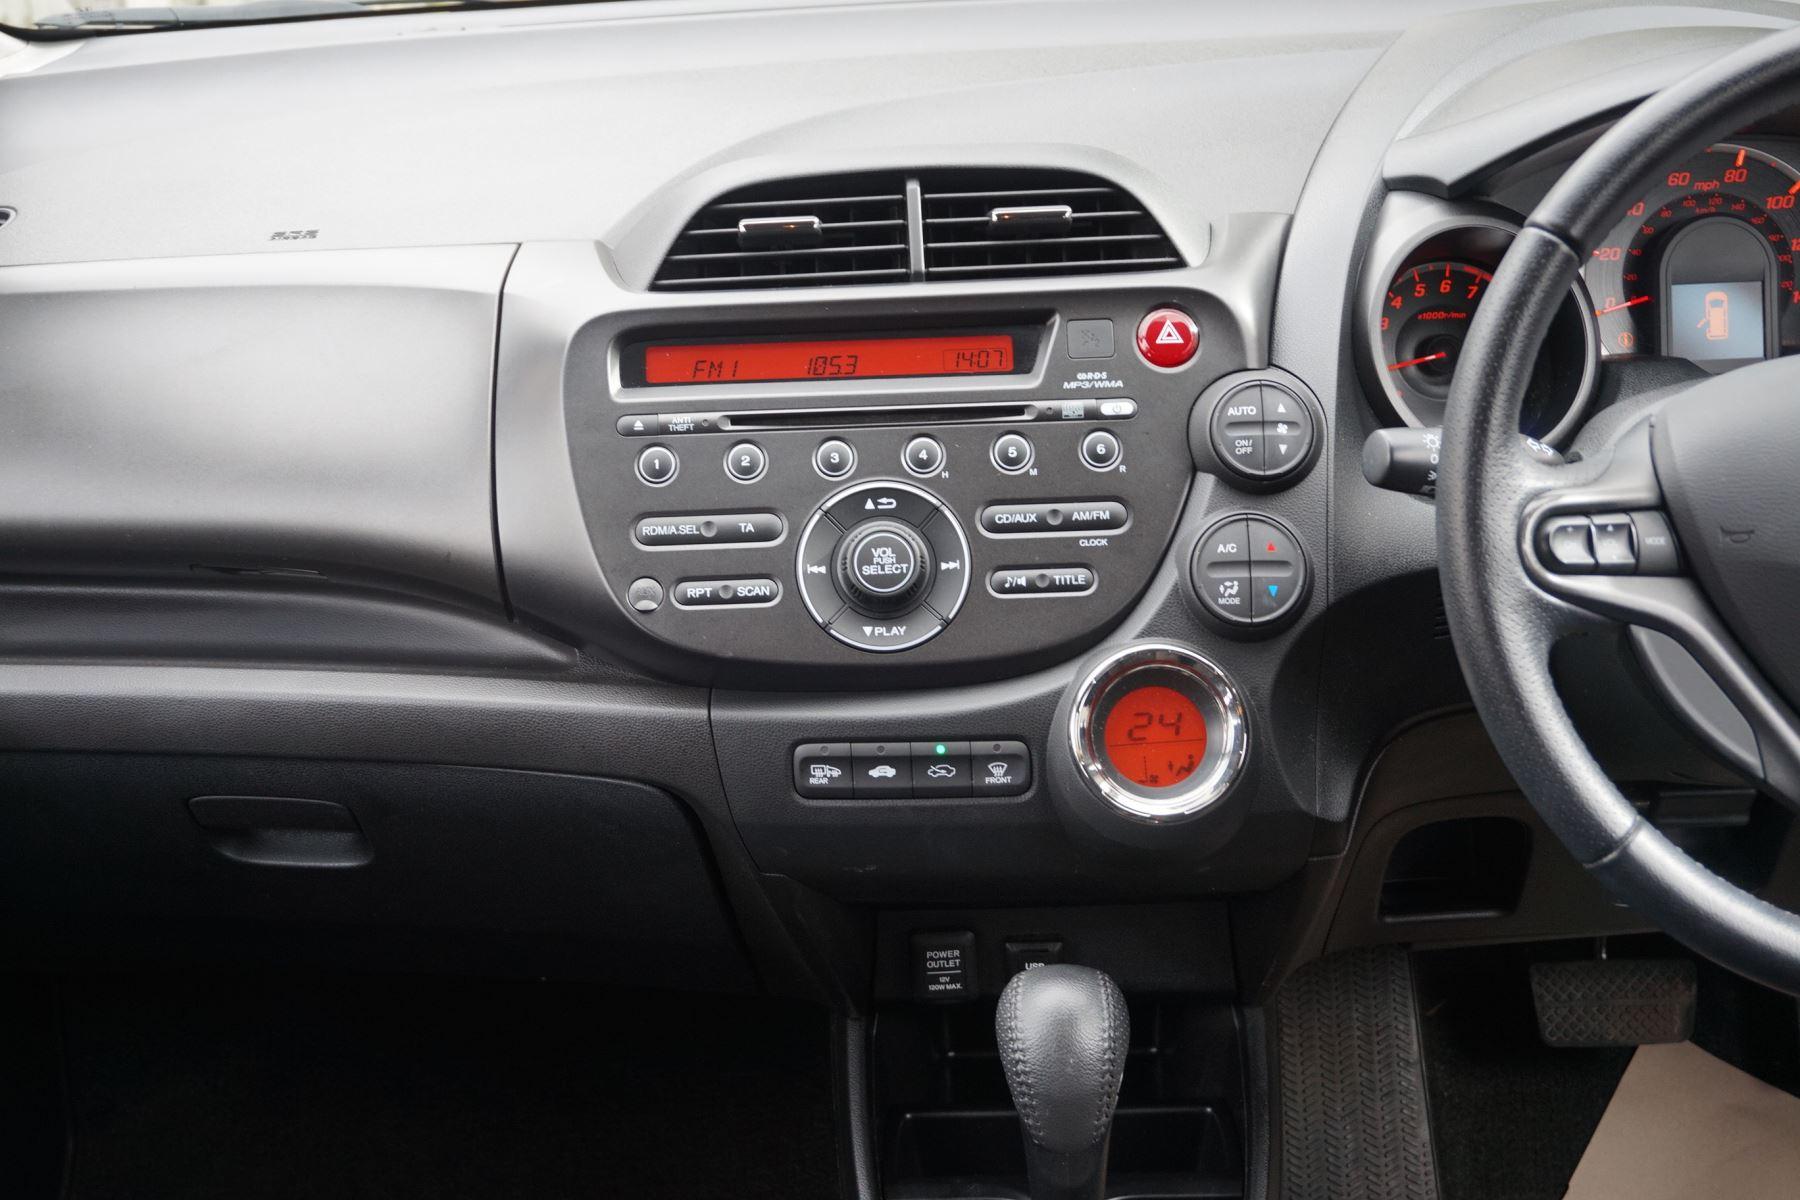 Honda Jazz 1.4 i-VTEC ES Plus CVT image 11